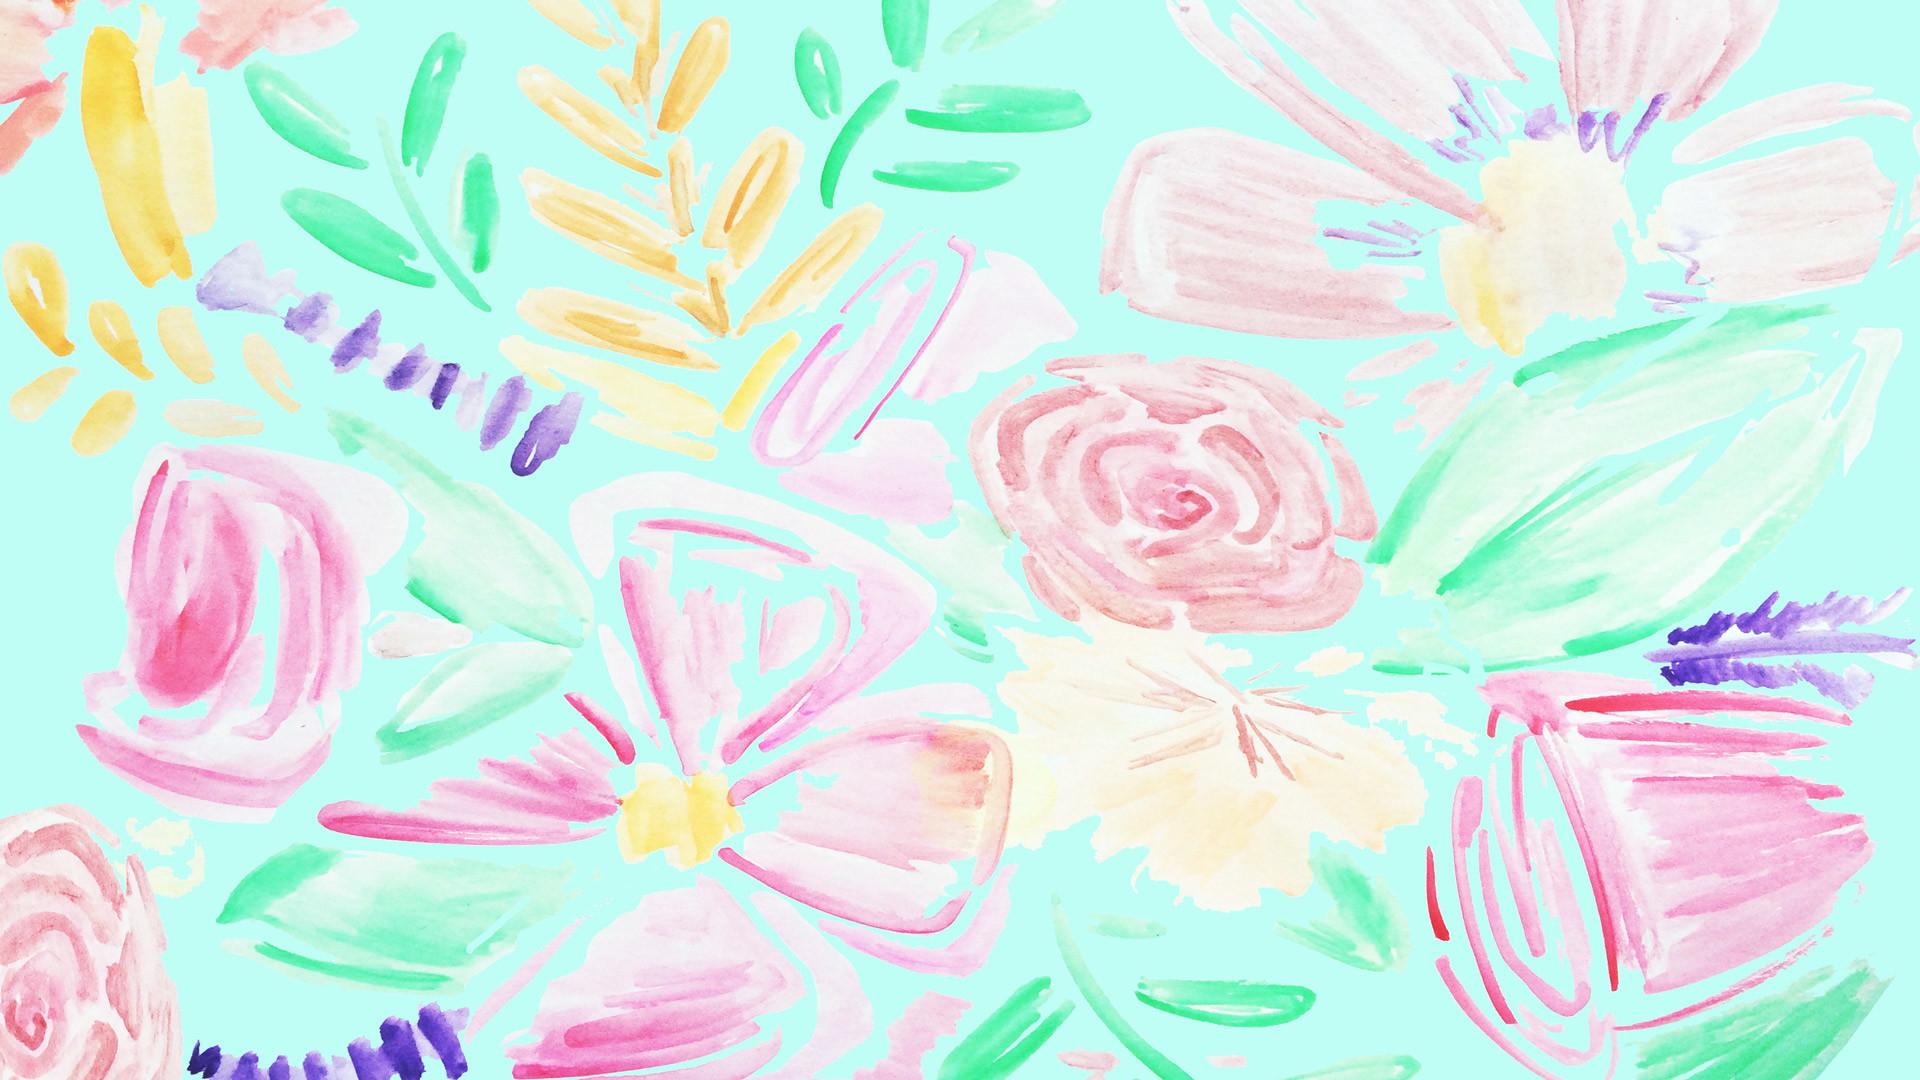 Watercolor Wallpaper Download: DESKTOP | PHONE